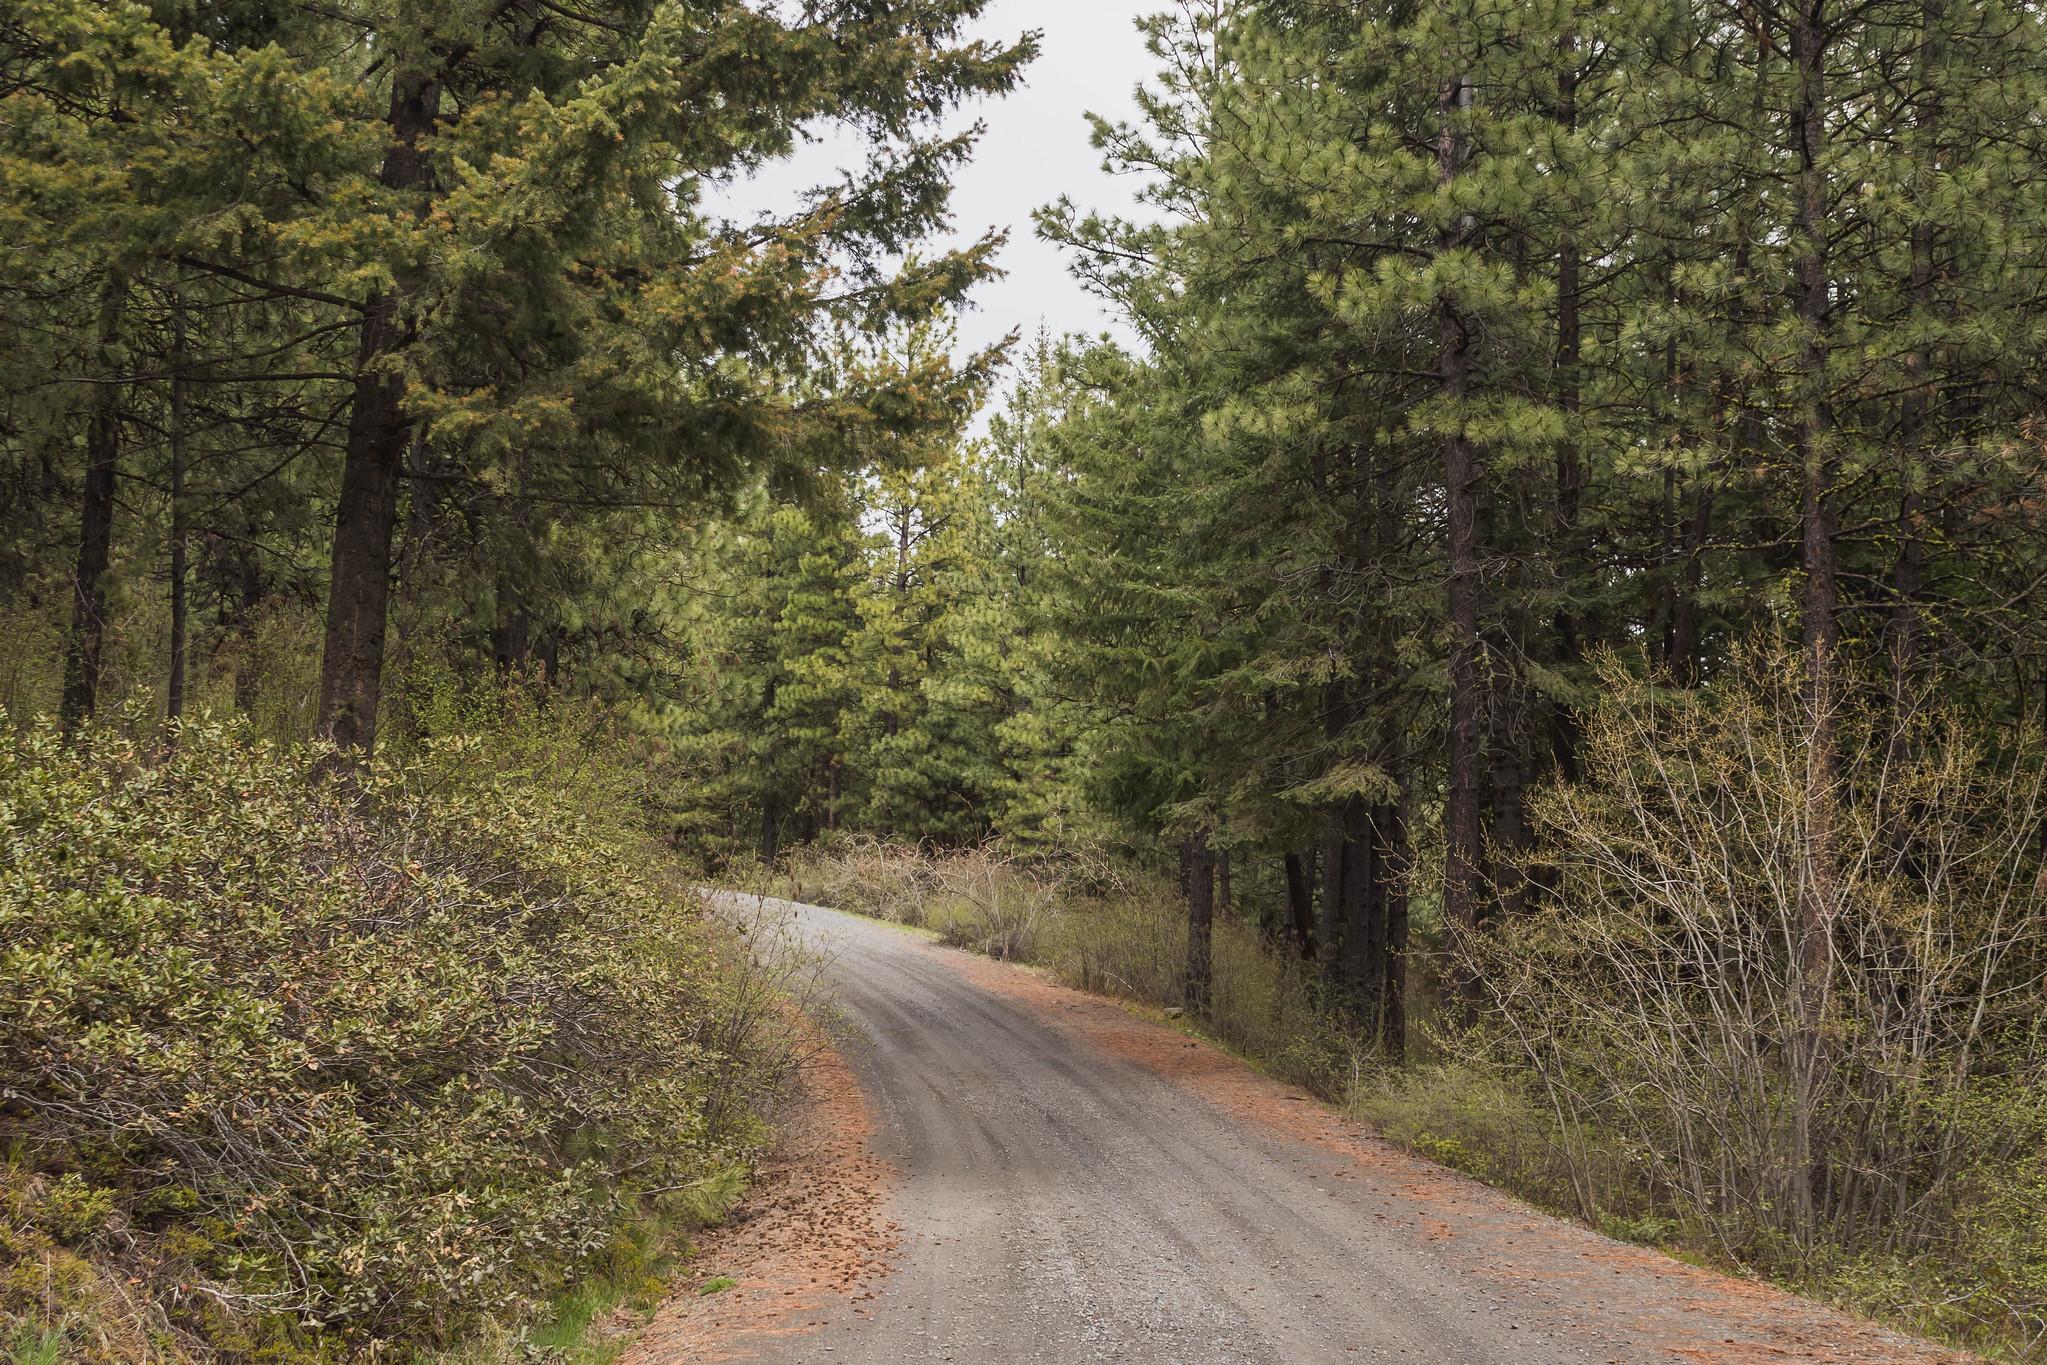 A brief road walk